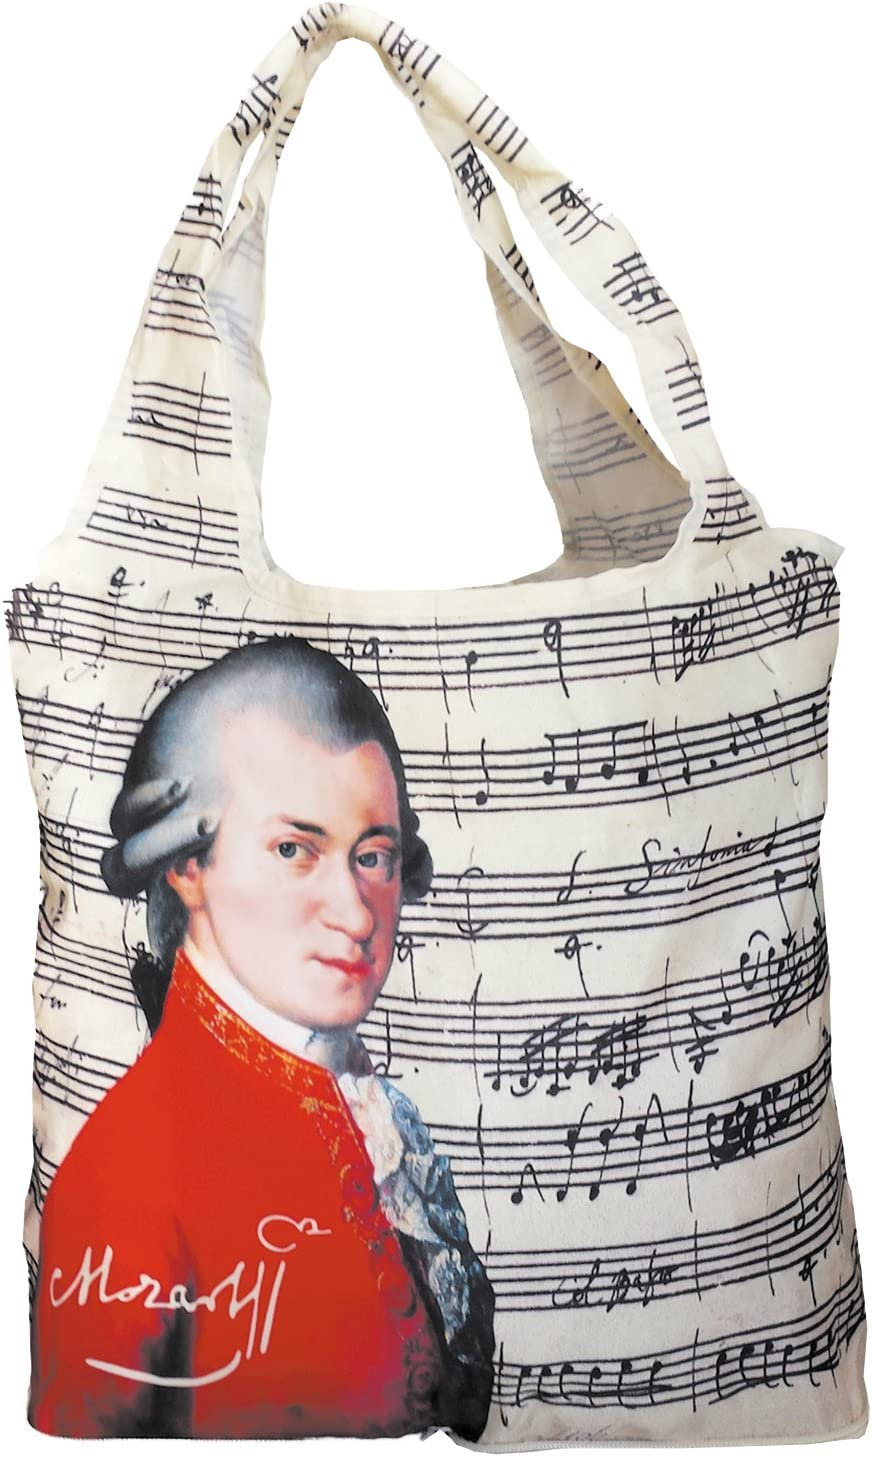 Fridolin 40544 Mozart Sac /à Provisions Pliable Nylon Multicolore 16 x 13 x 4 cm